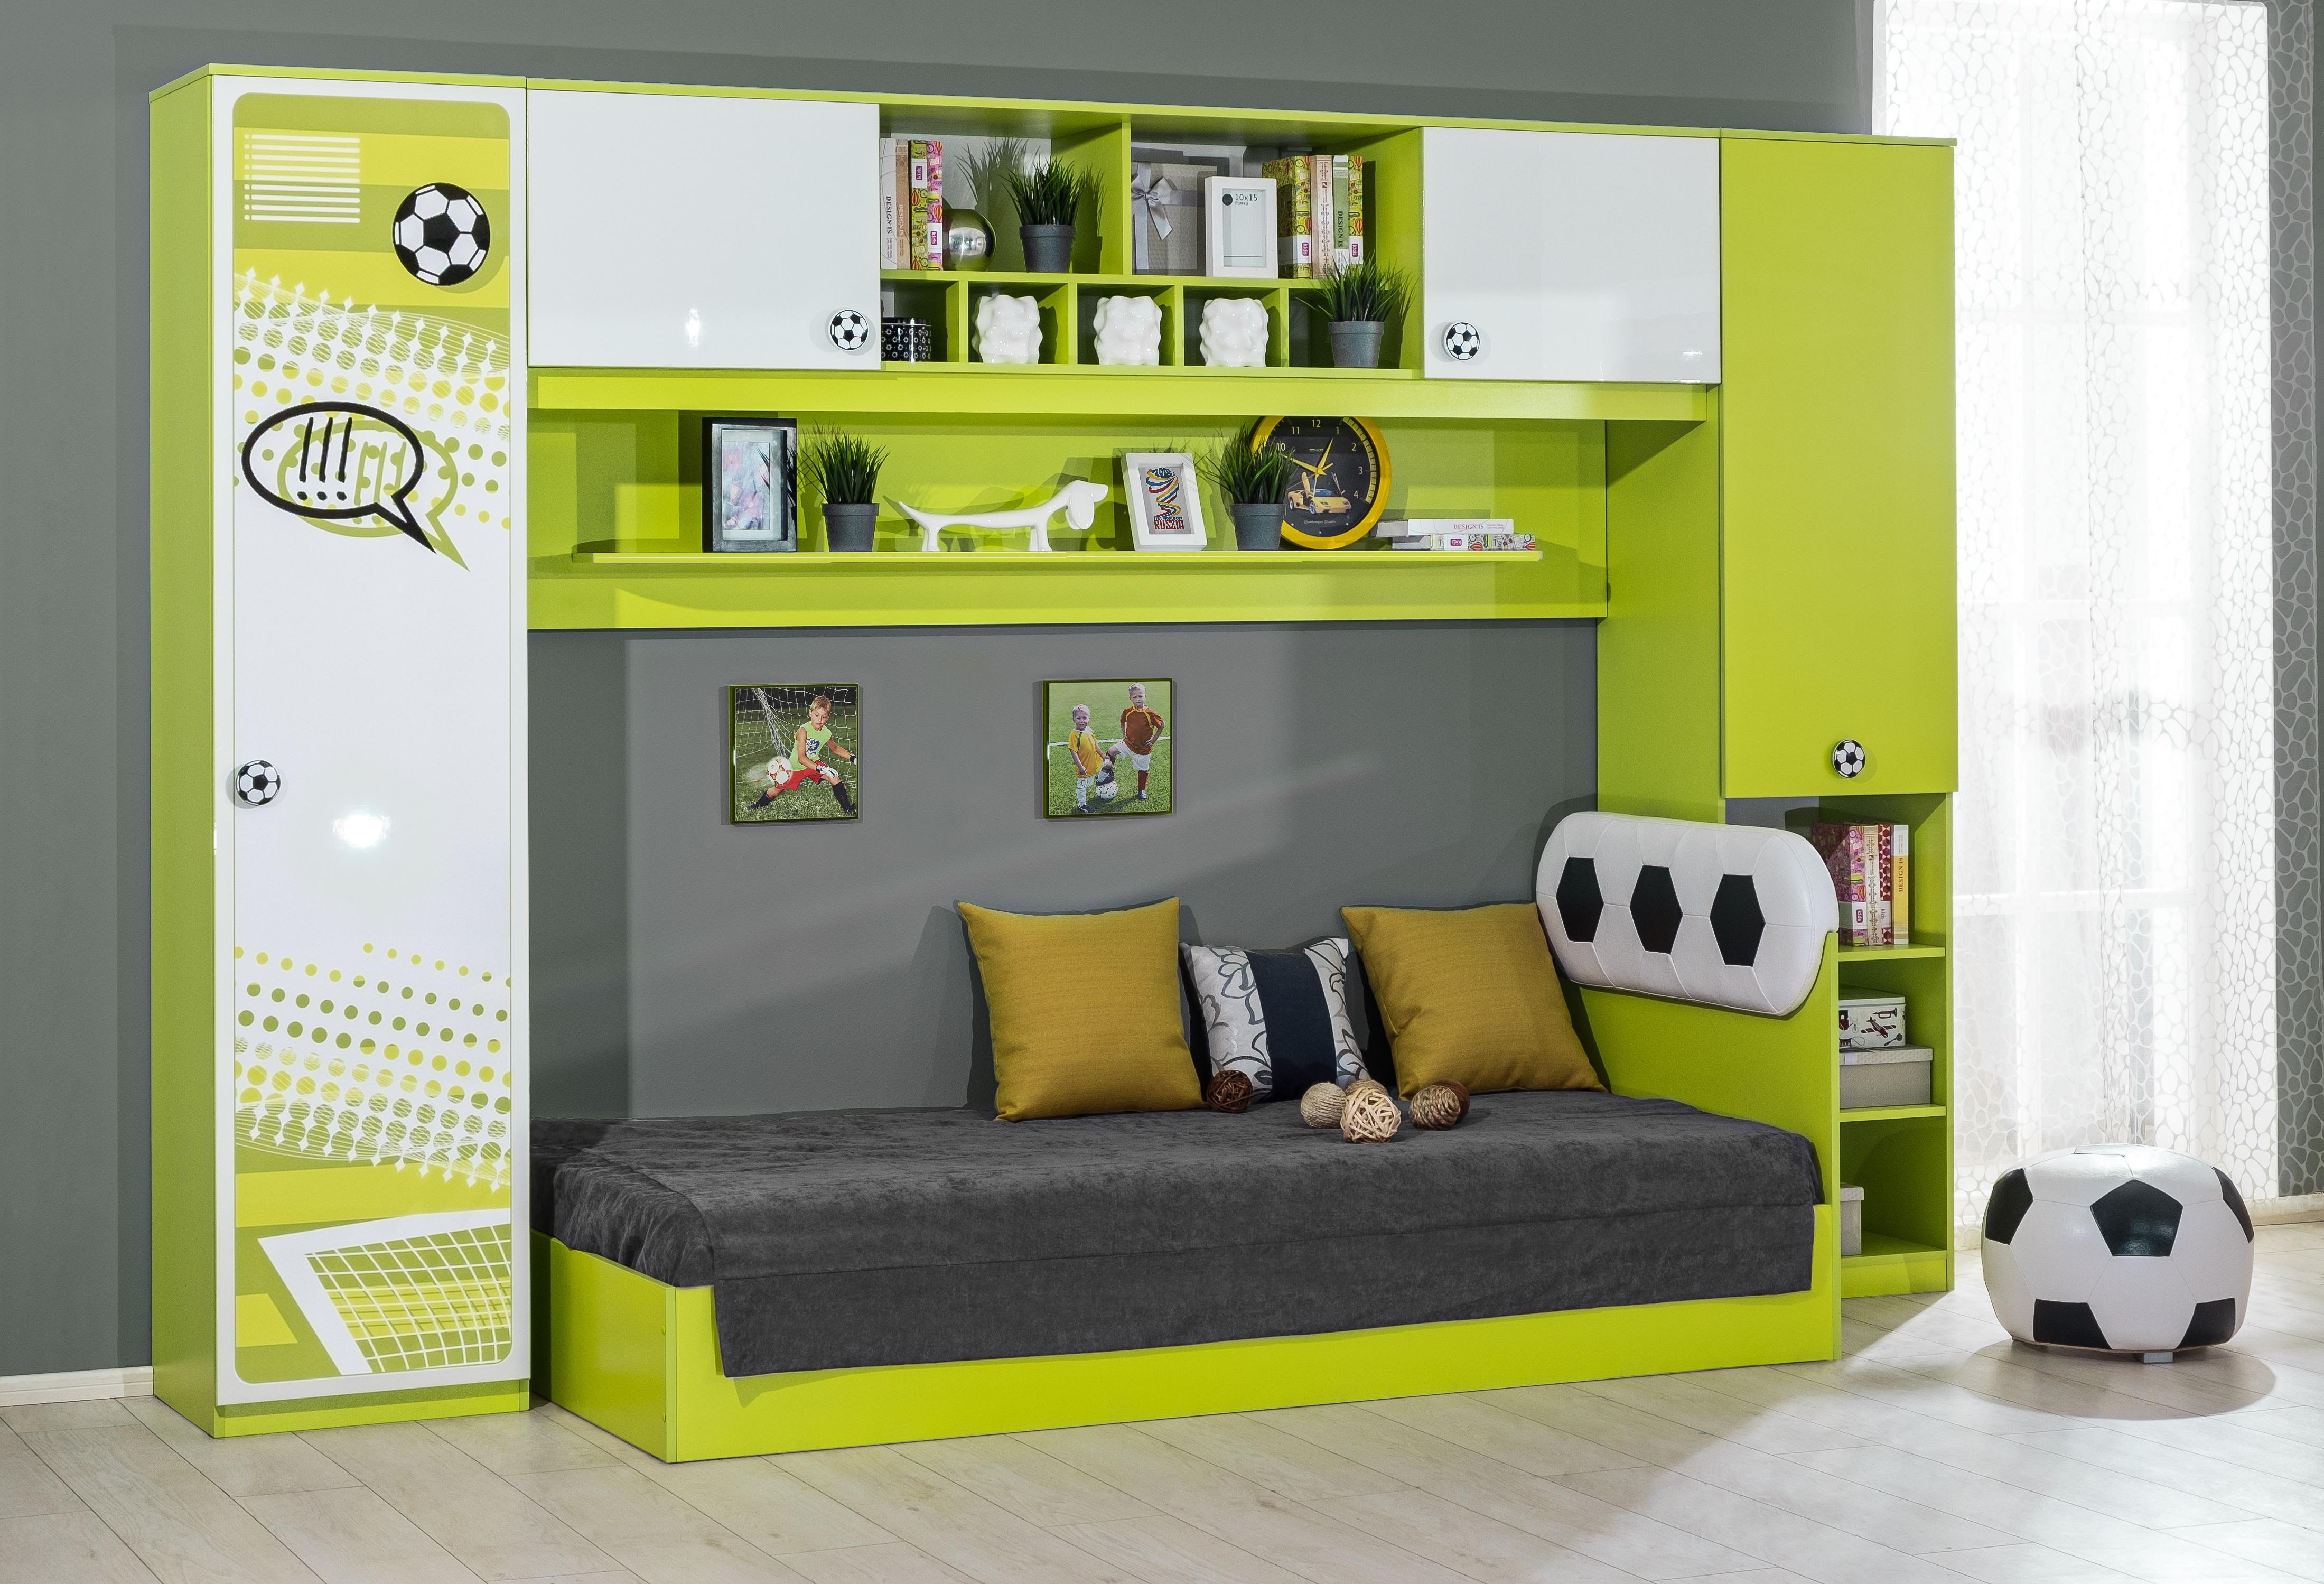 Kinderzimmer Fussball 4 Teilig In Grun Weiss